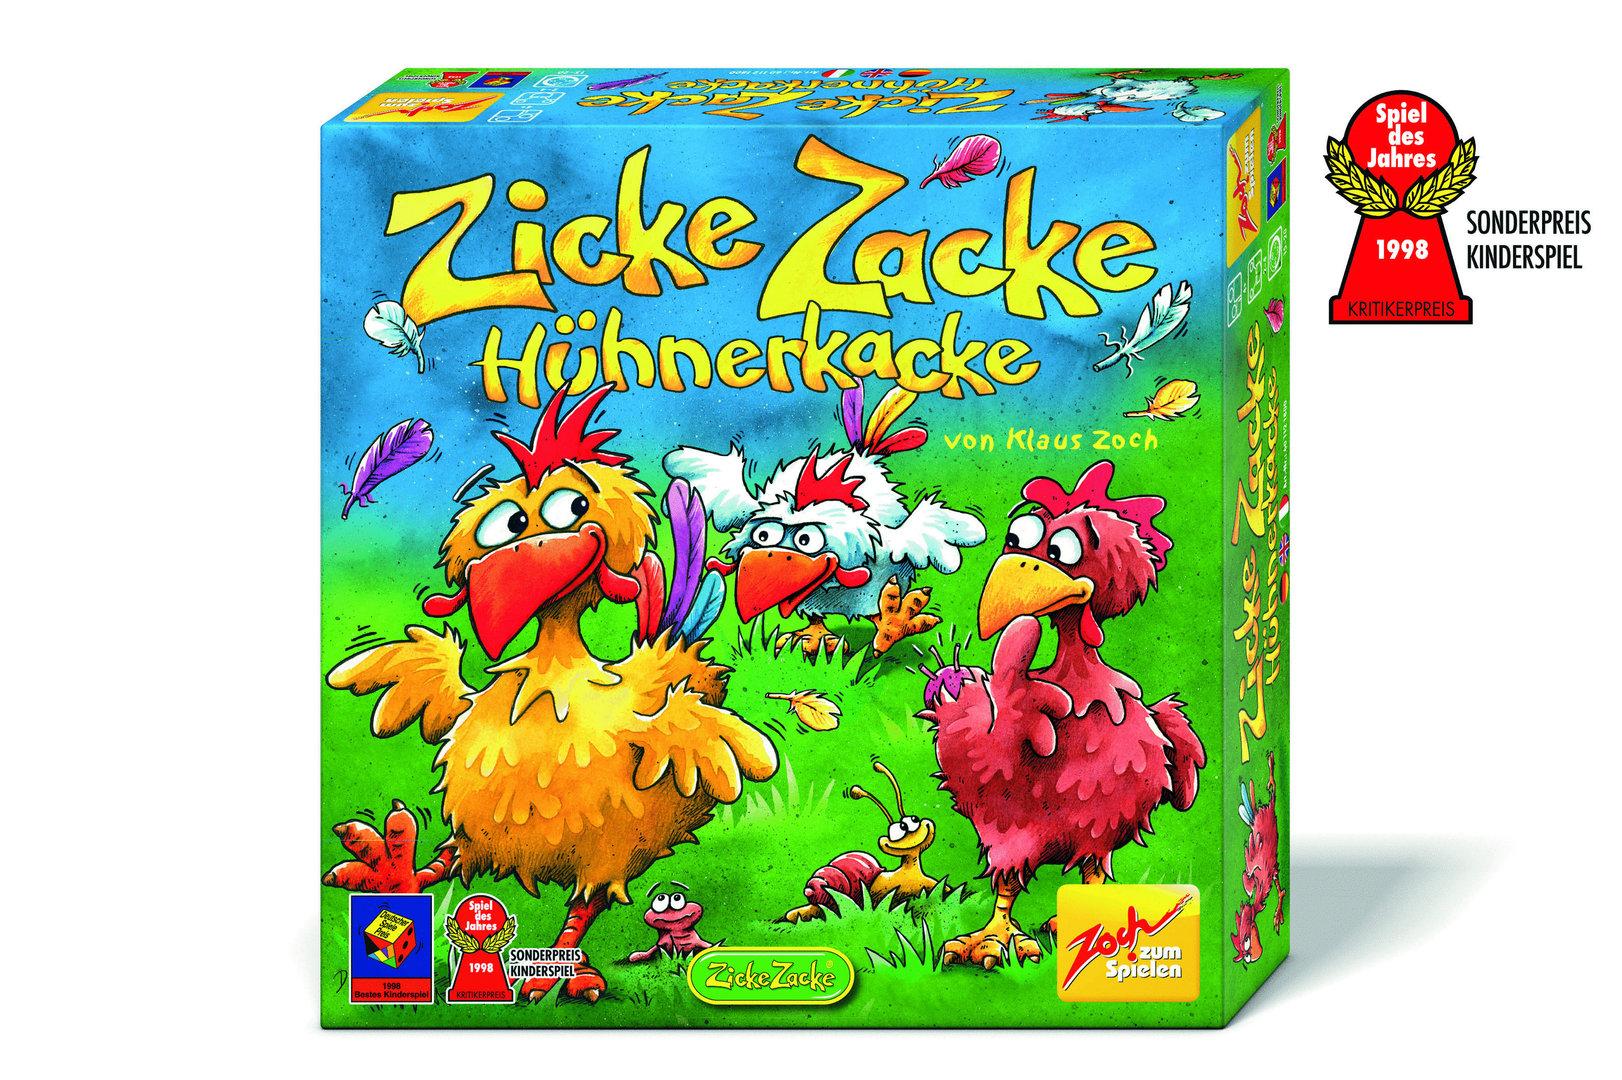 Zicke Zacke HГјhnerkacke